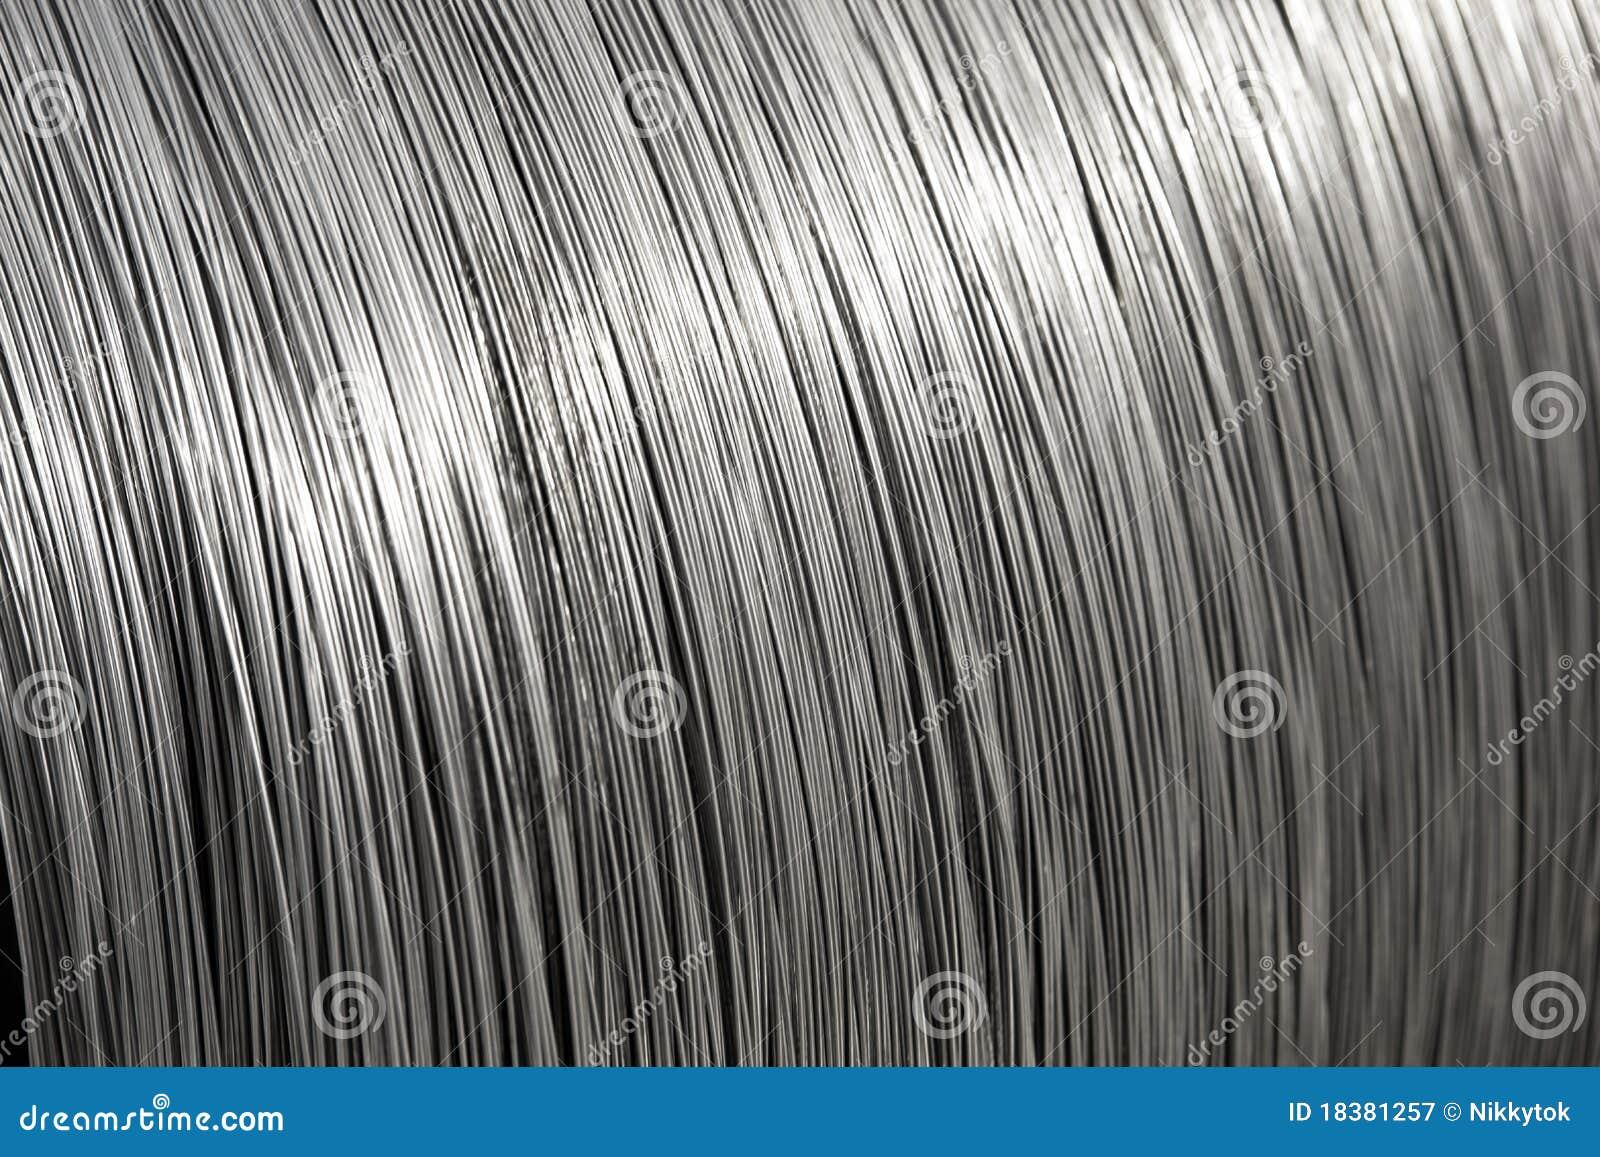 алюминиевый провод текстуры катышкы